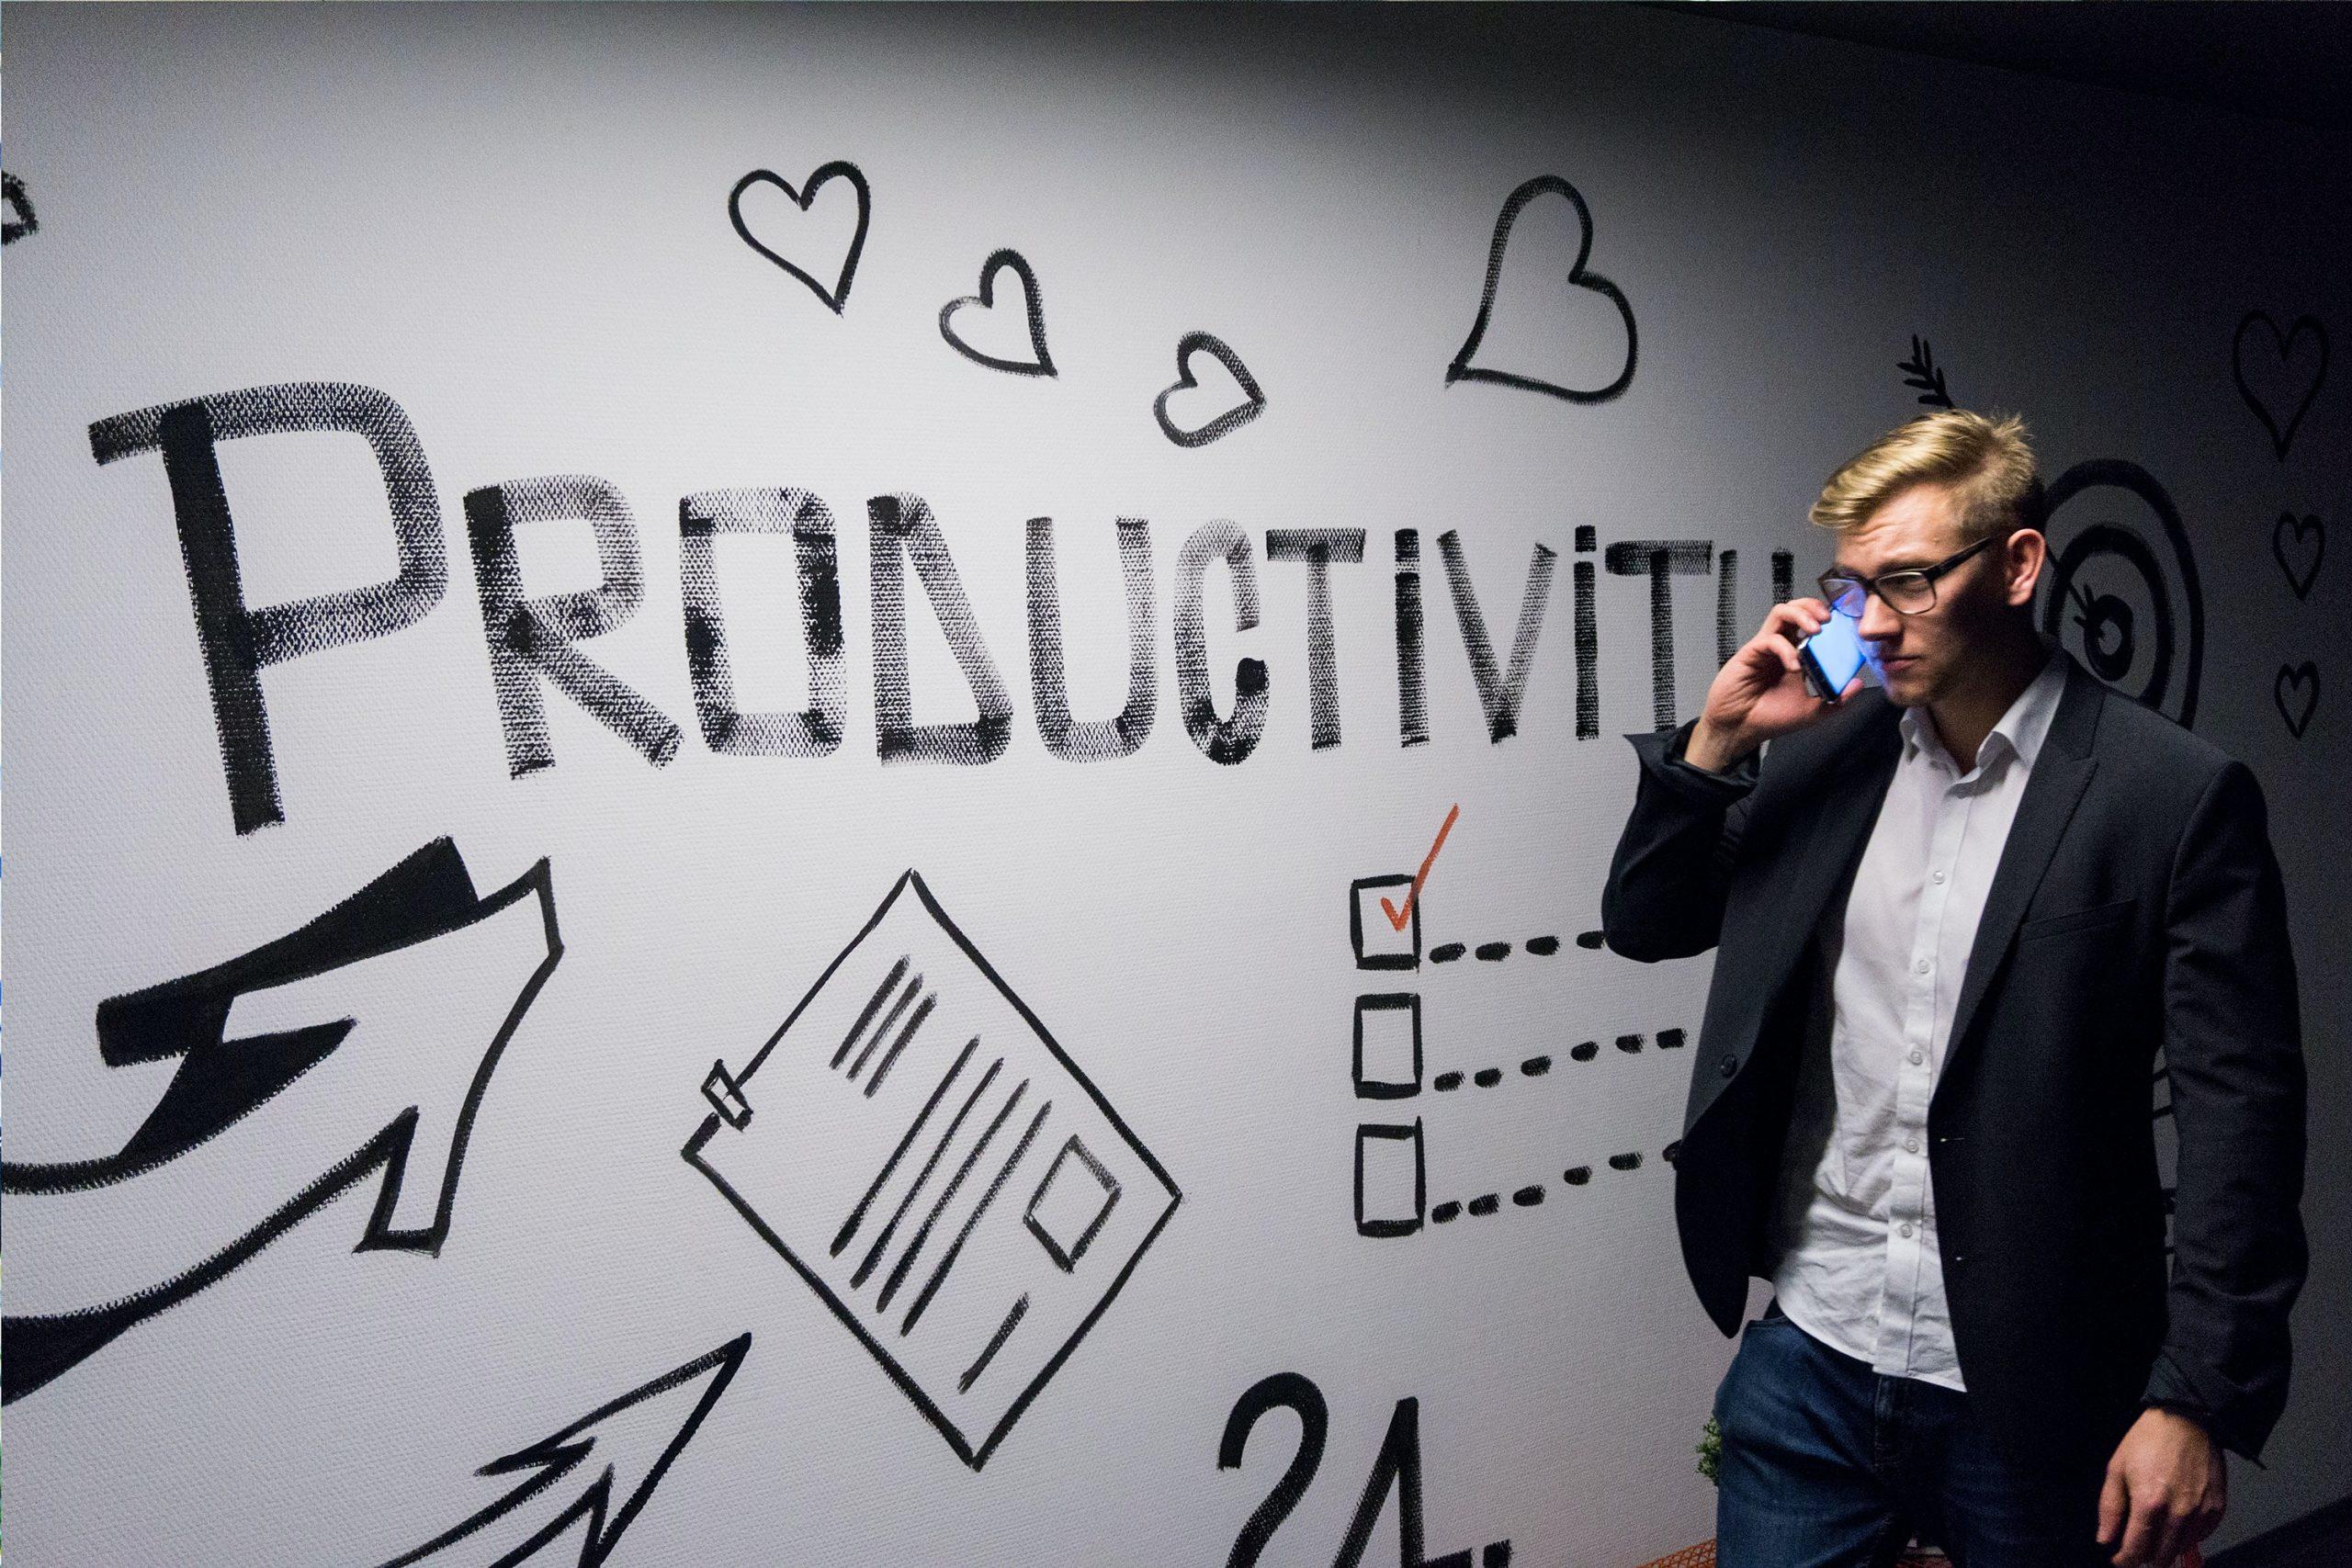 站在寫著productivity牆前面打電話的白人